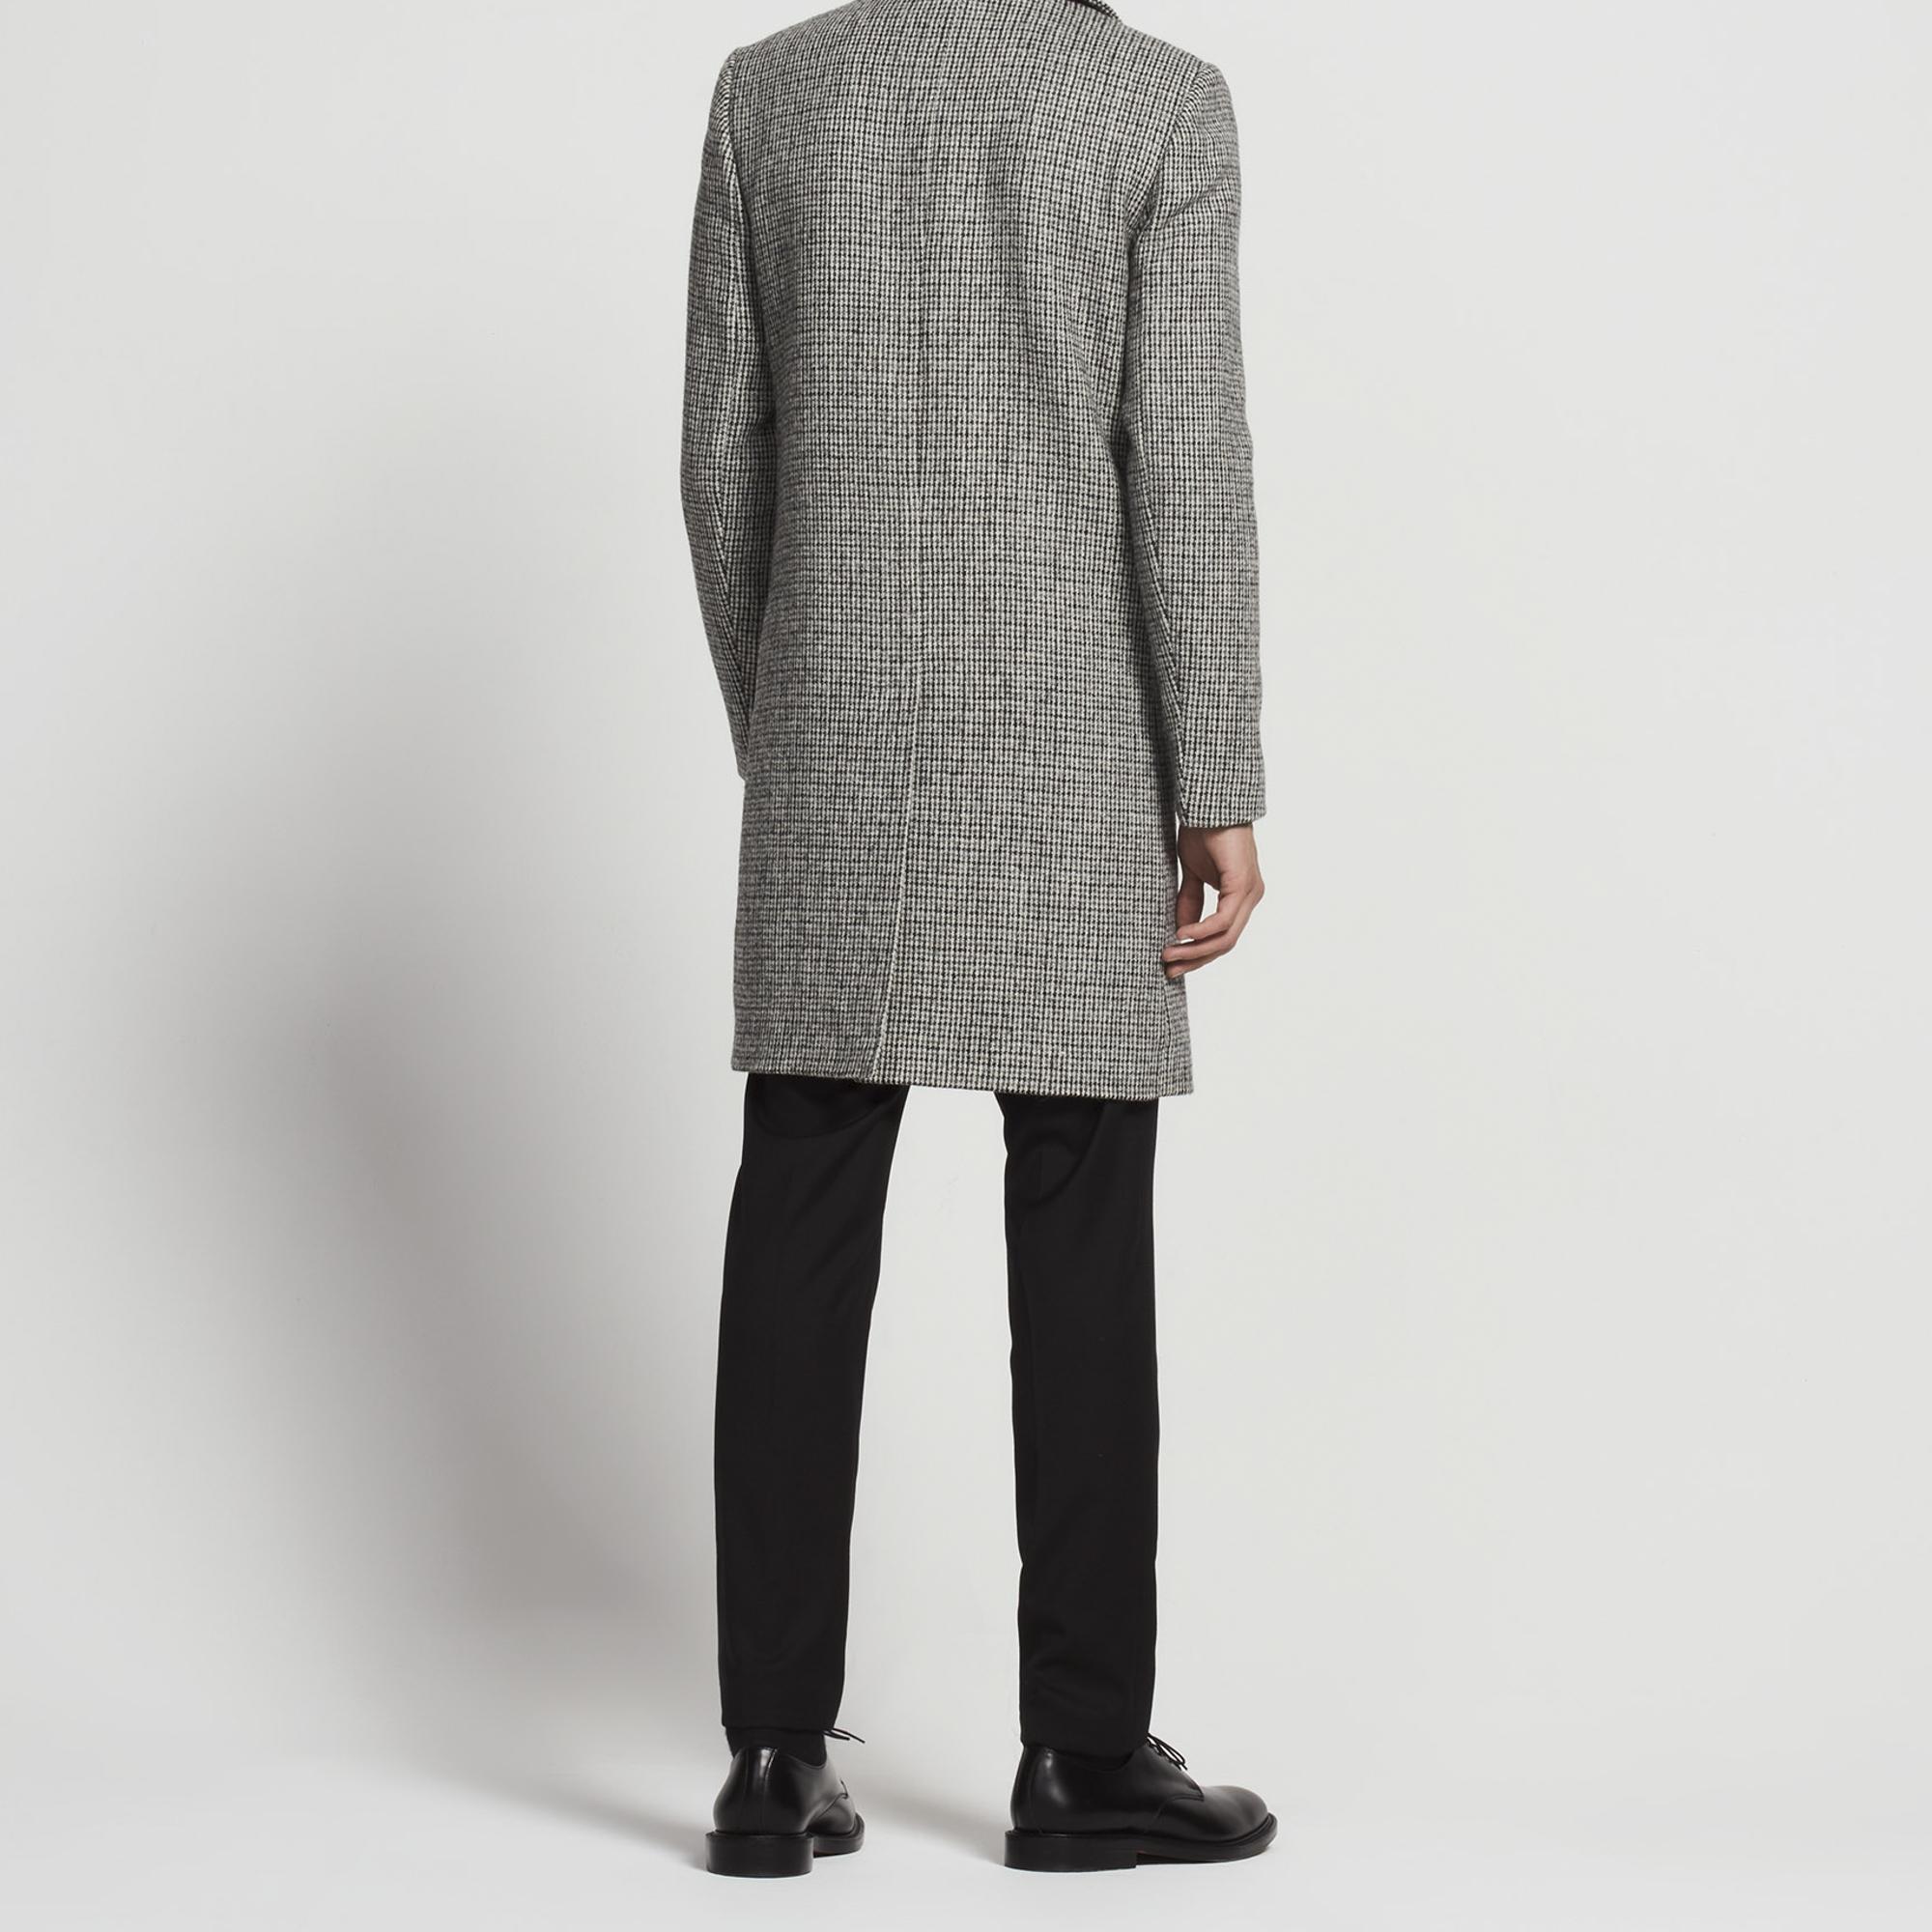 Long Harris Tweed coat - Trench coats & Coats - Sandro-paris.com